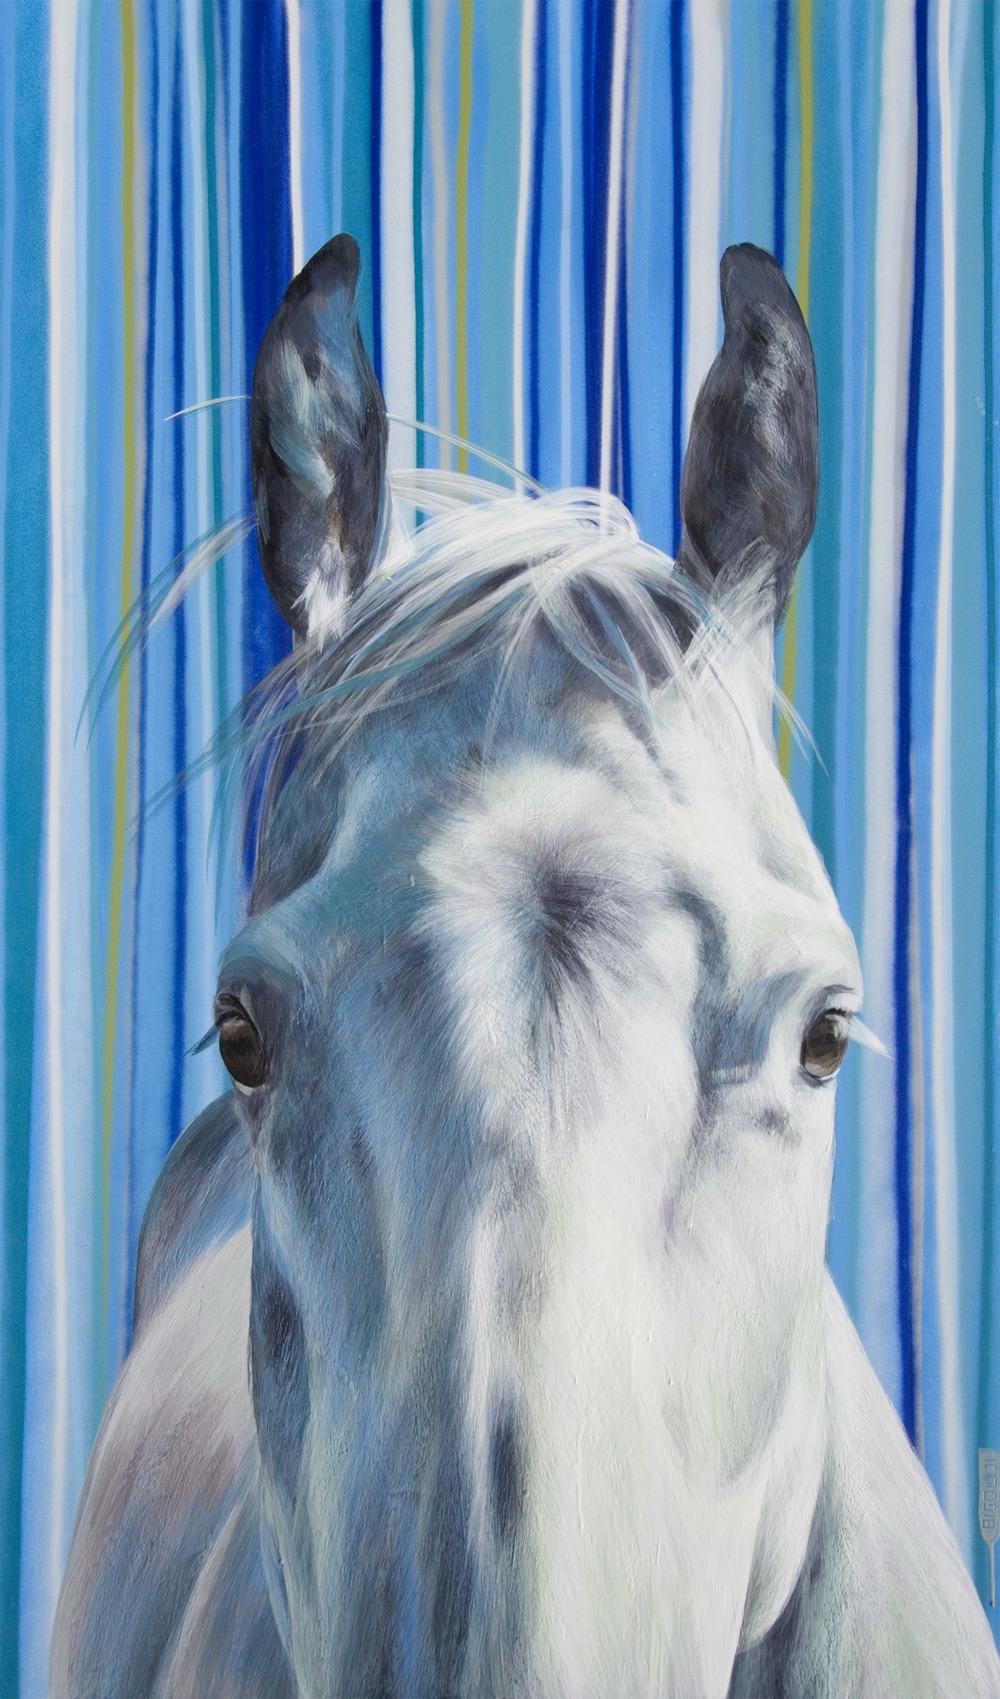 'Peek a Blue' by Pascale Ouellet